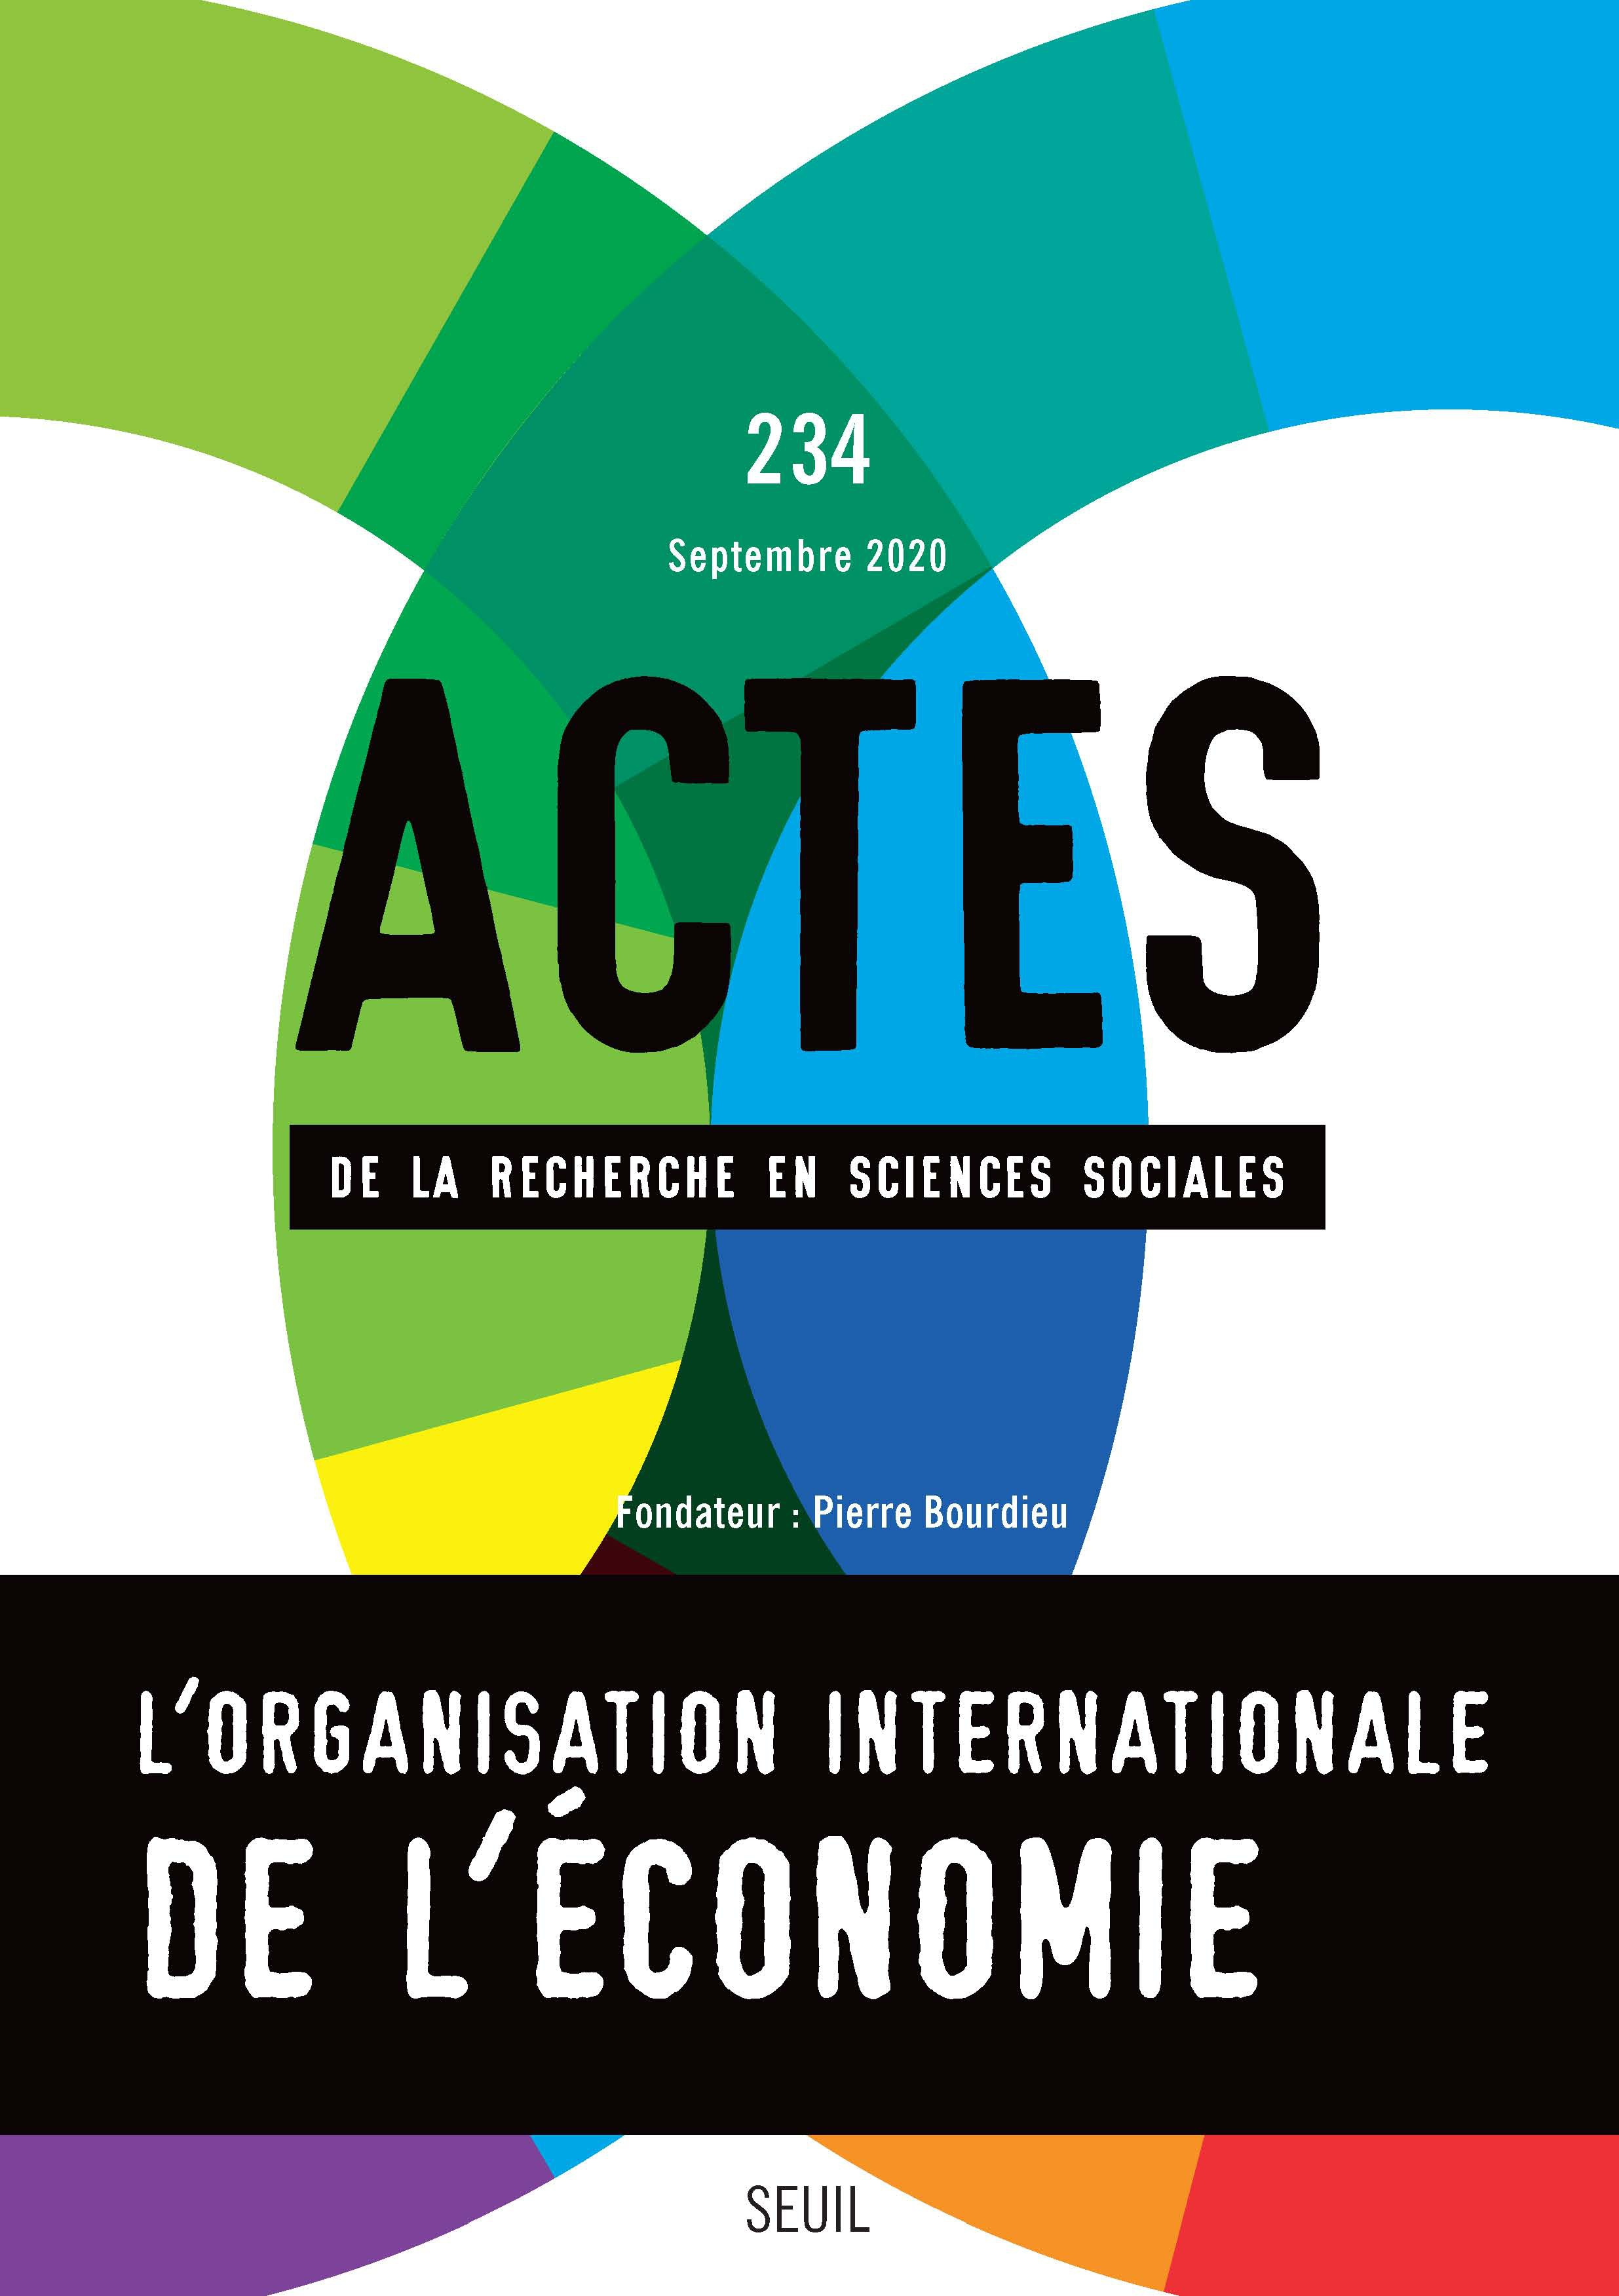 Journal Actes De La Recherche En Sciences Sociales Cairn International Edition